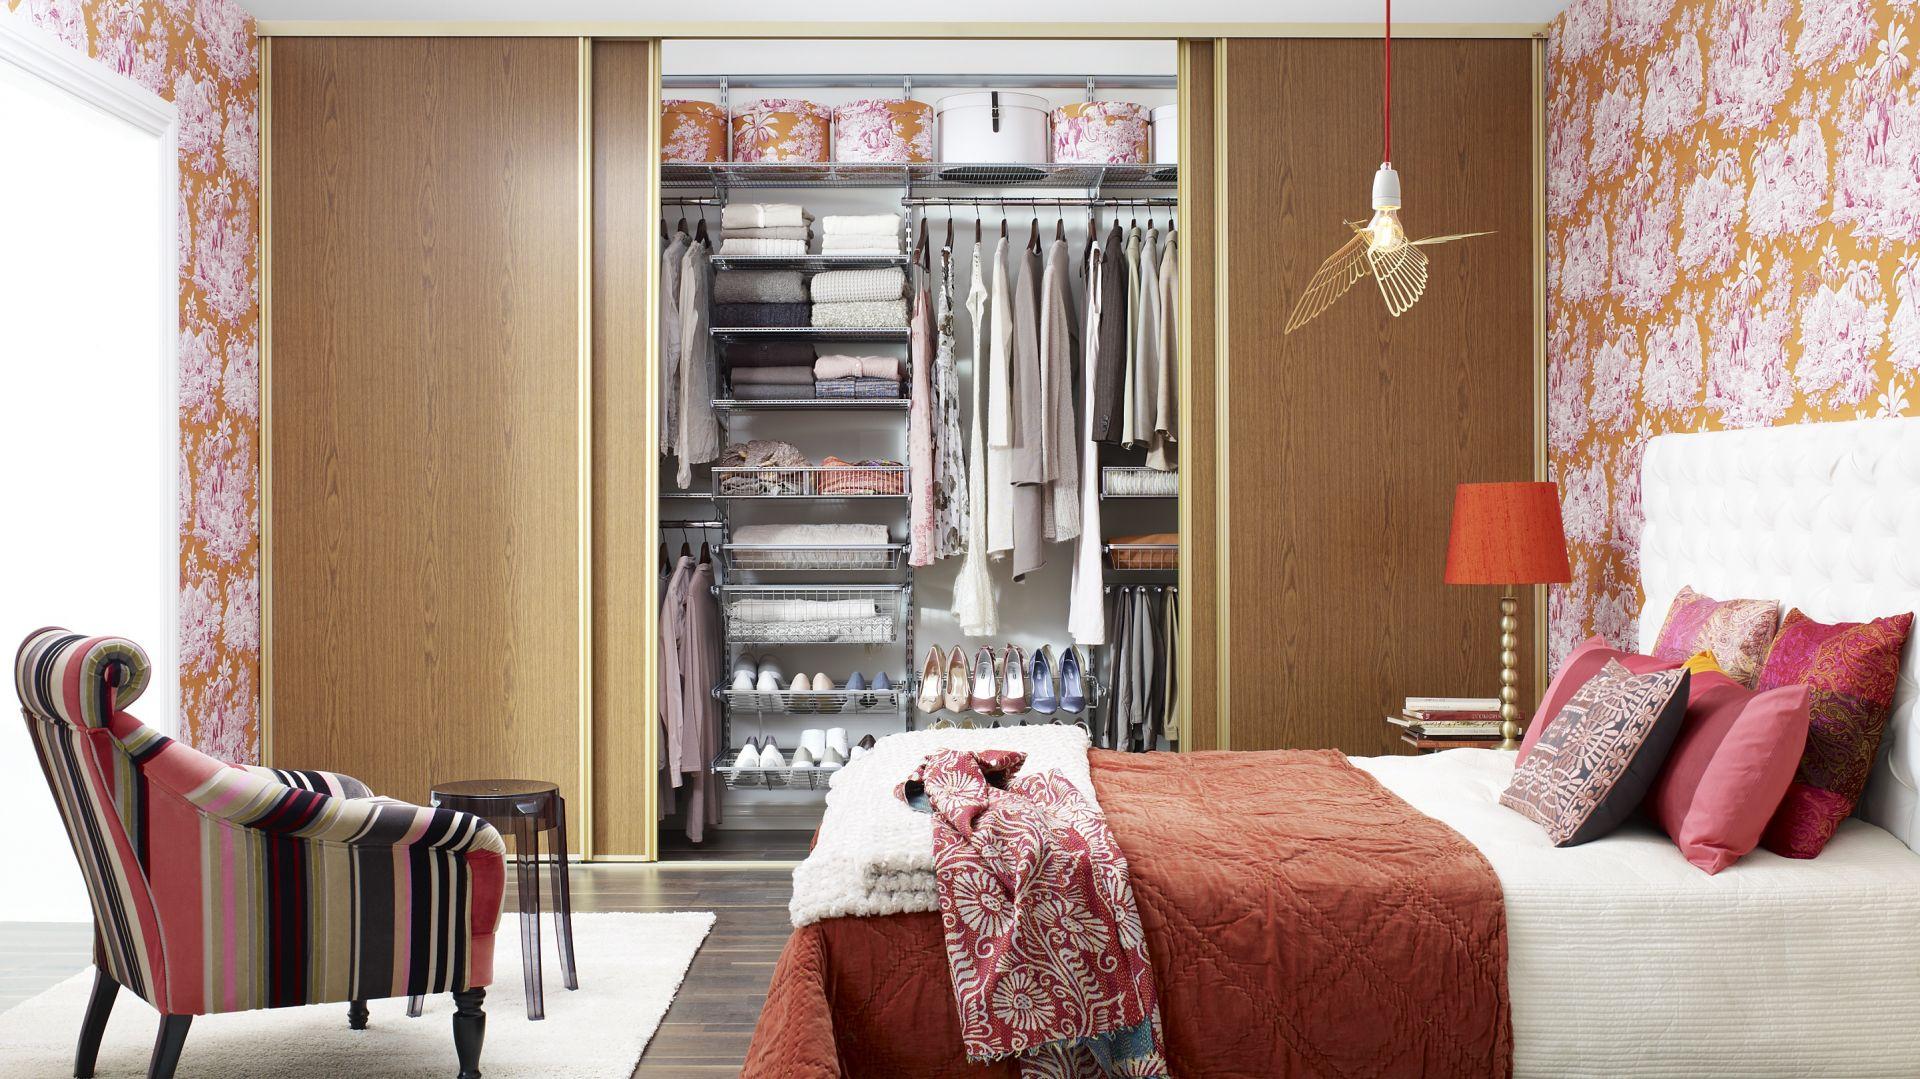 Szafa najlepiej sprawdzi się w sypialni. Umieszczona na całej ścianie będzie świetnym miejscem do przechowywania odzieży, jak również przedmiotów sezonowych. Fot. Elfa